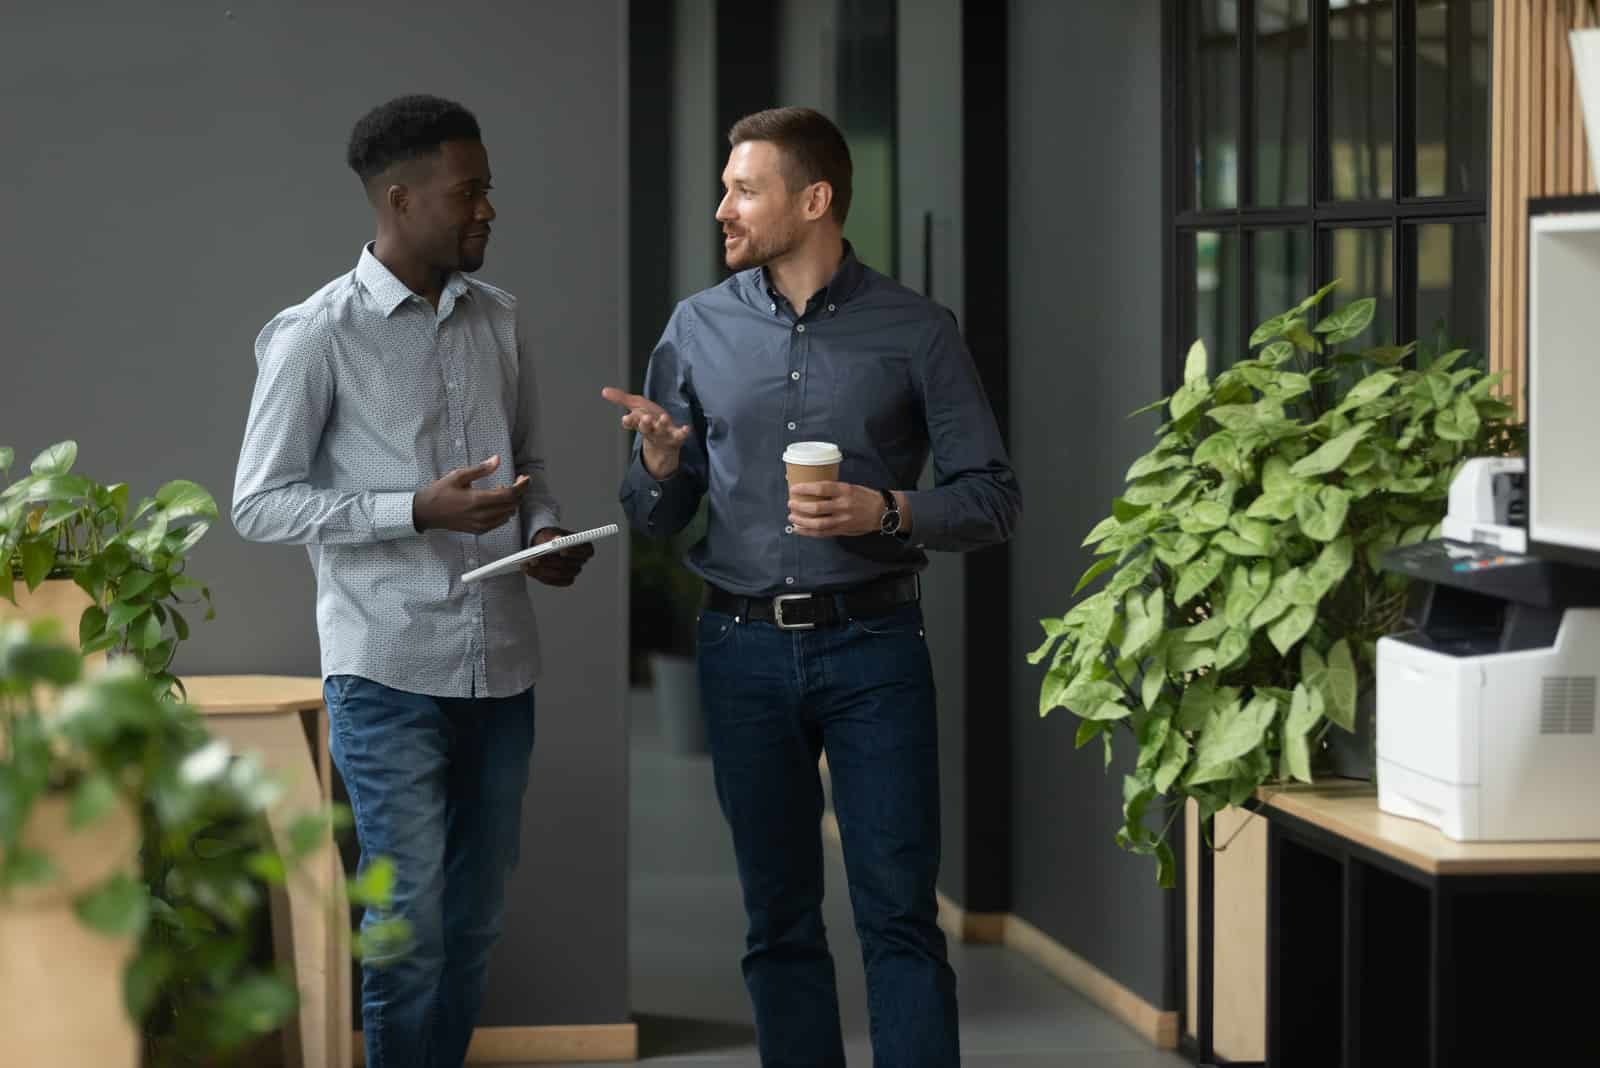 deux hommes qui parlent